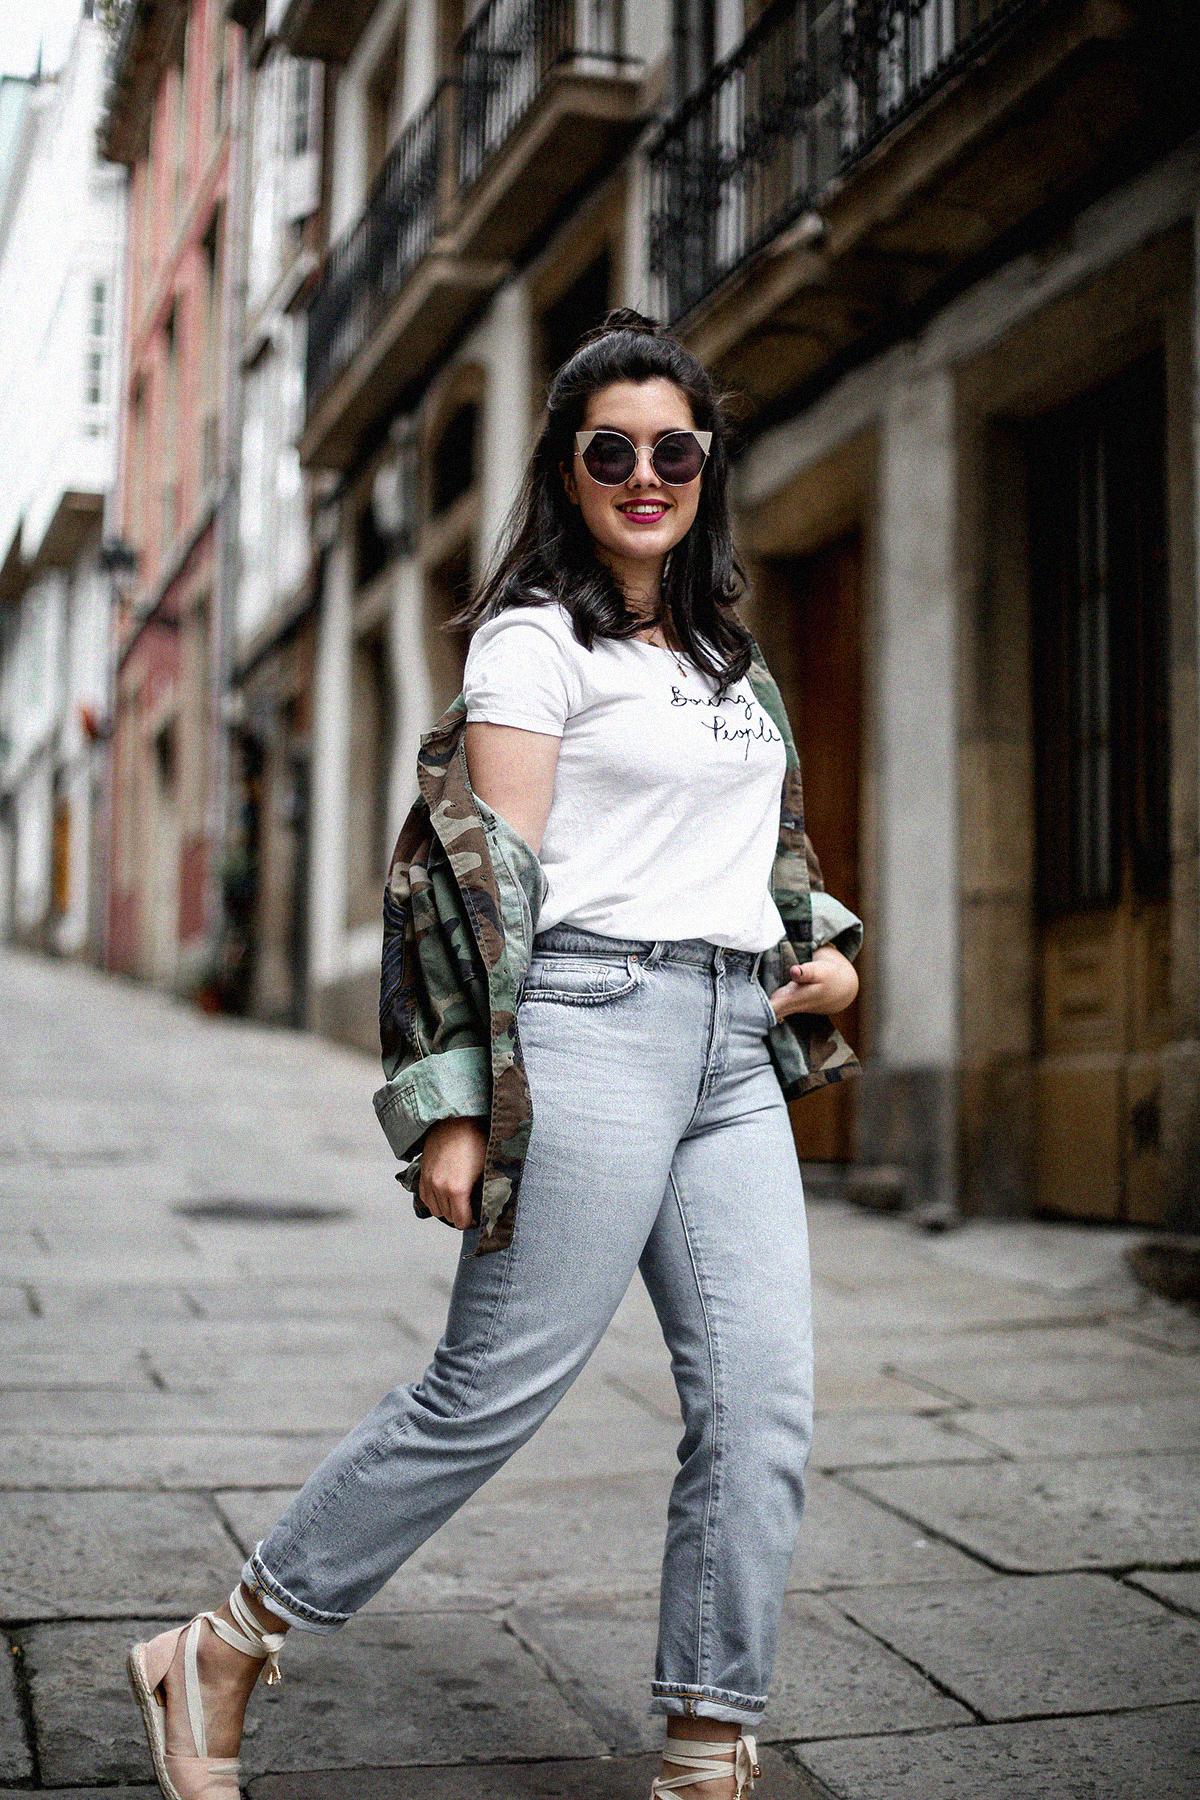 vintage-army-jacket-mom-jeans-espadrilles-myblueberrynightsblog13